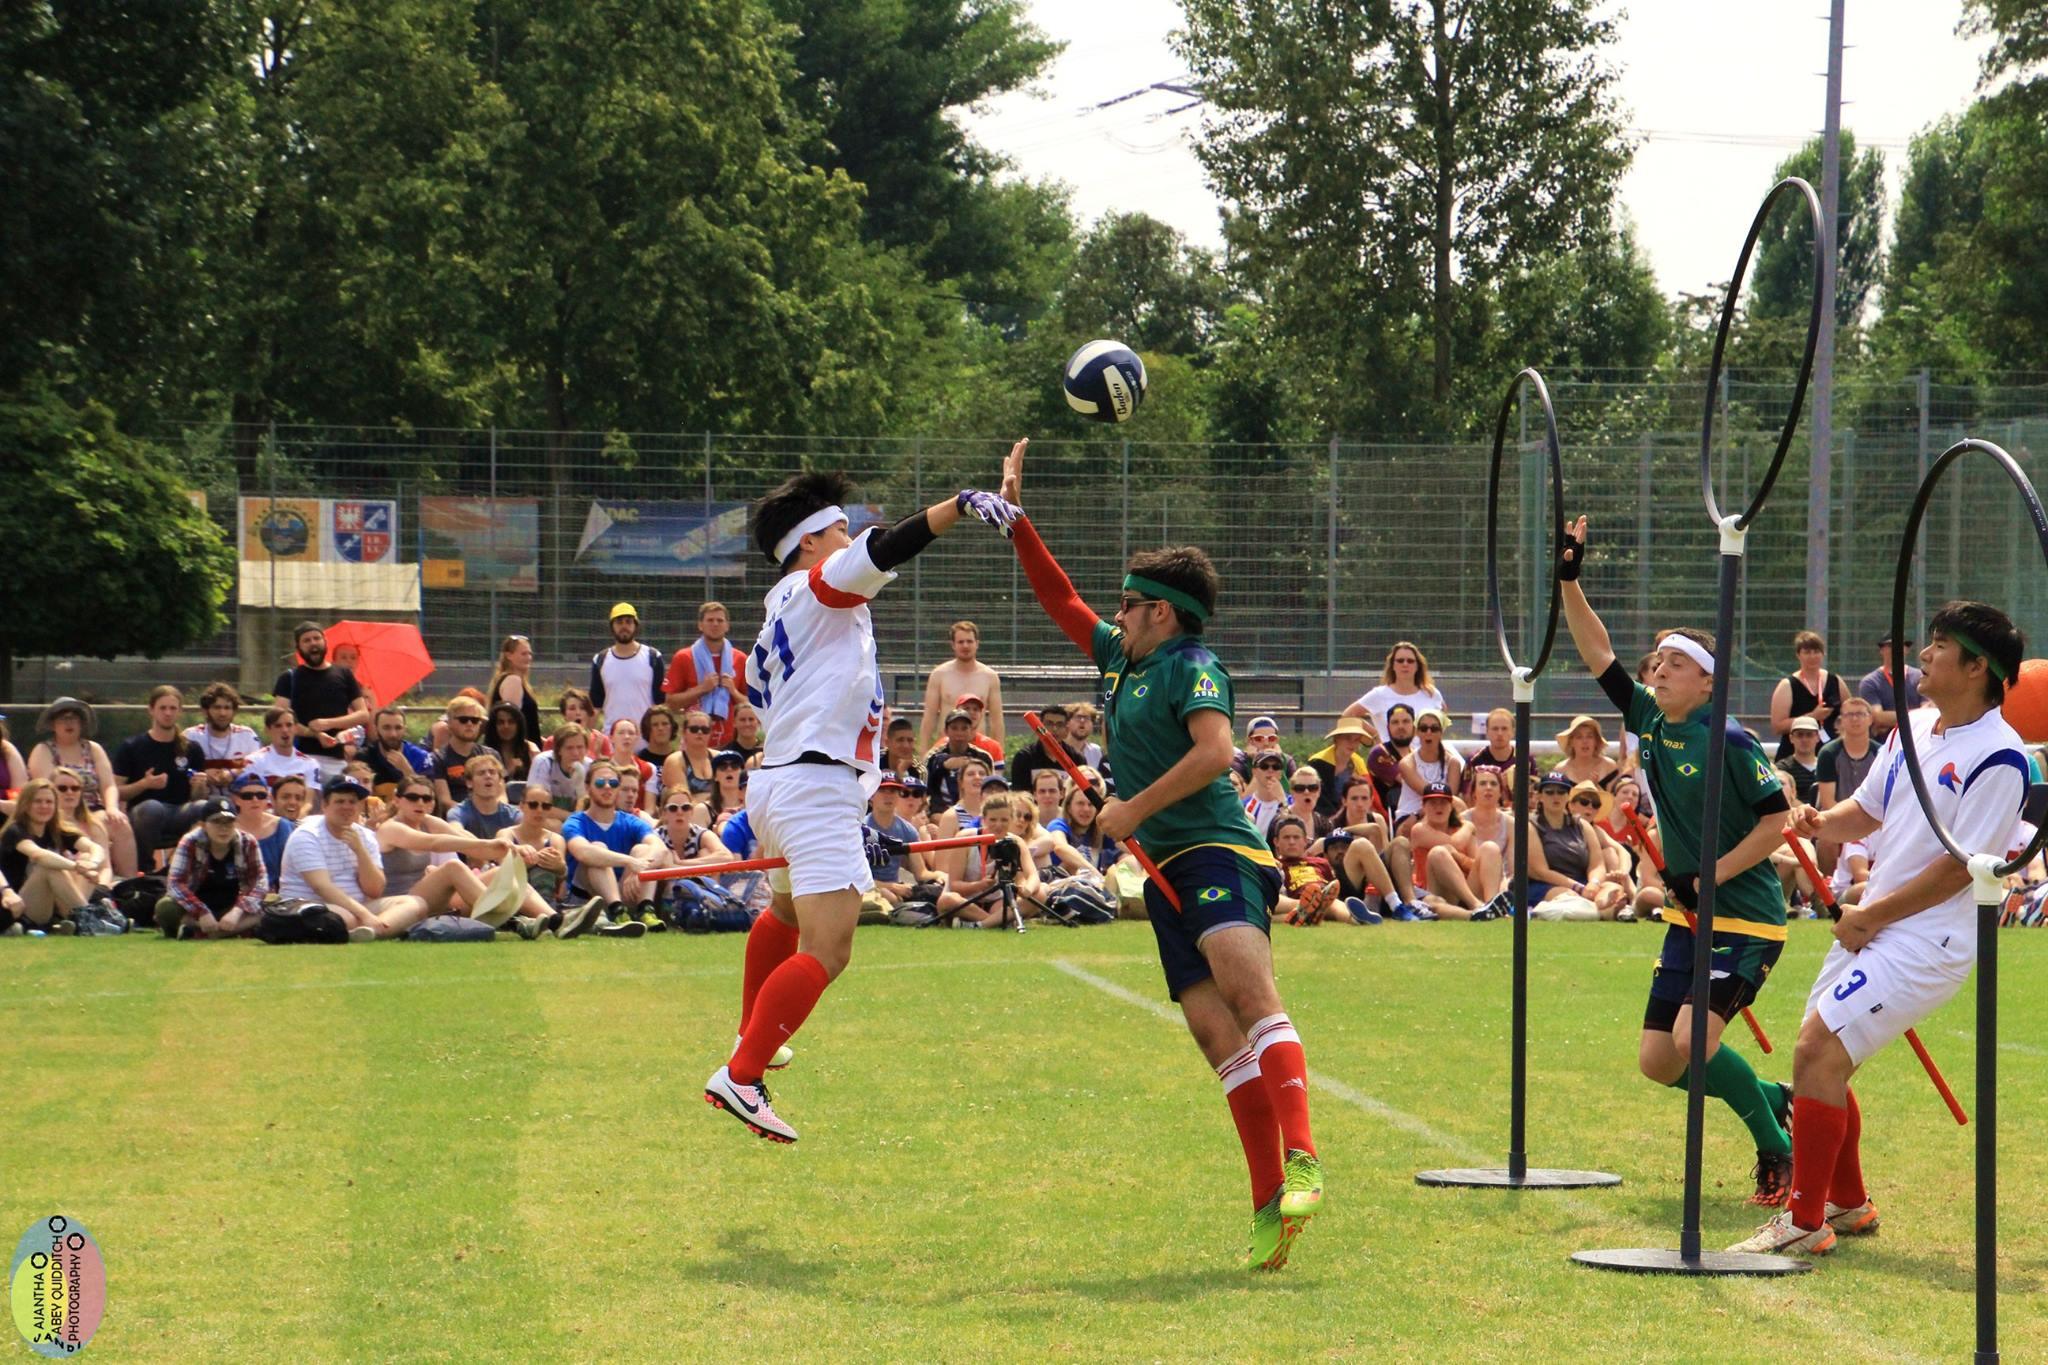 O goleiro, Roberto Malta, defendendo os aros contra a Coreia do Sul.<br /> <br /> Créditos da foto: Ajantha Abey Quidditch Photography